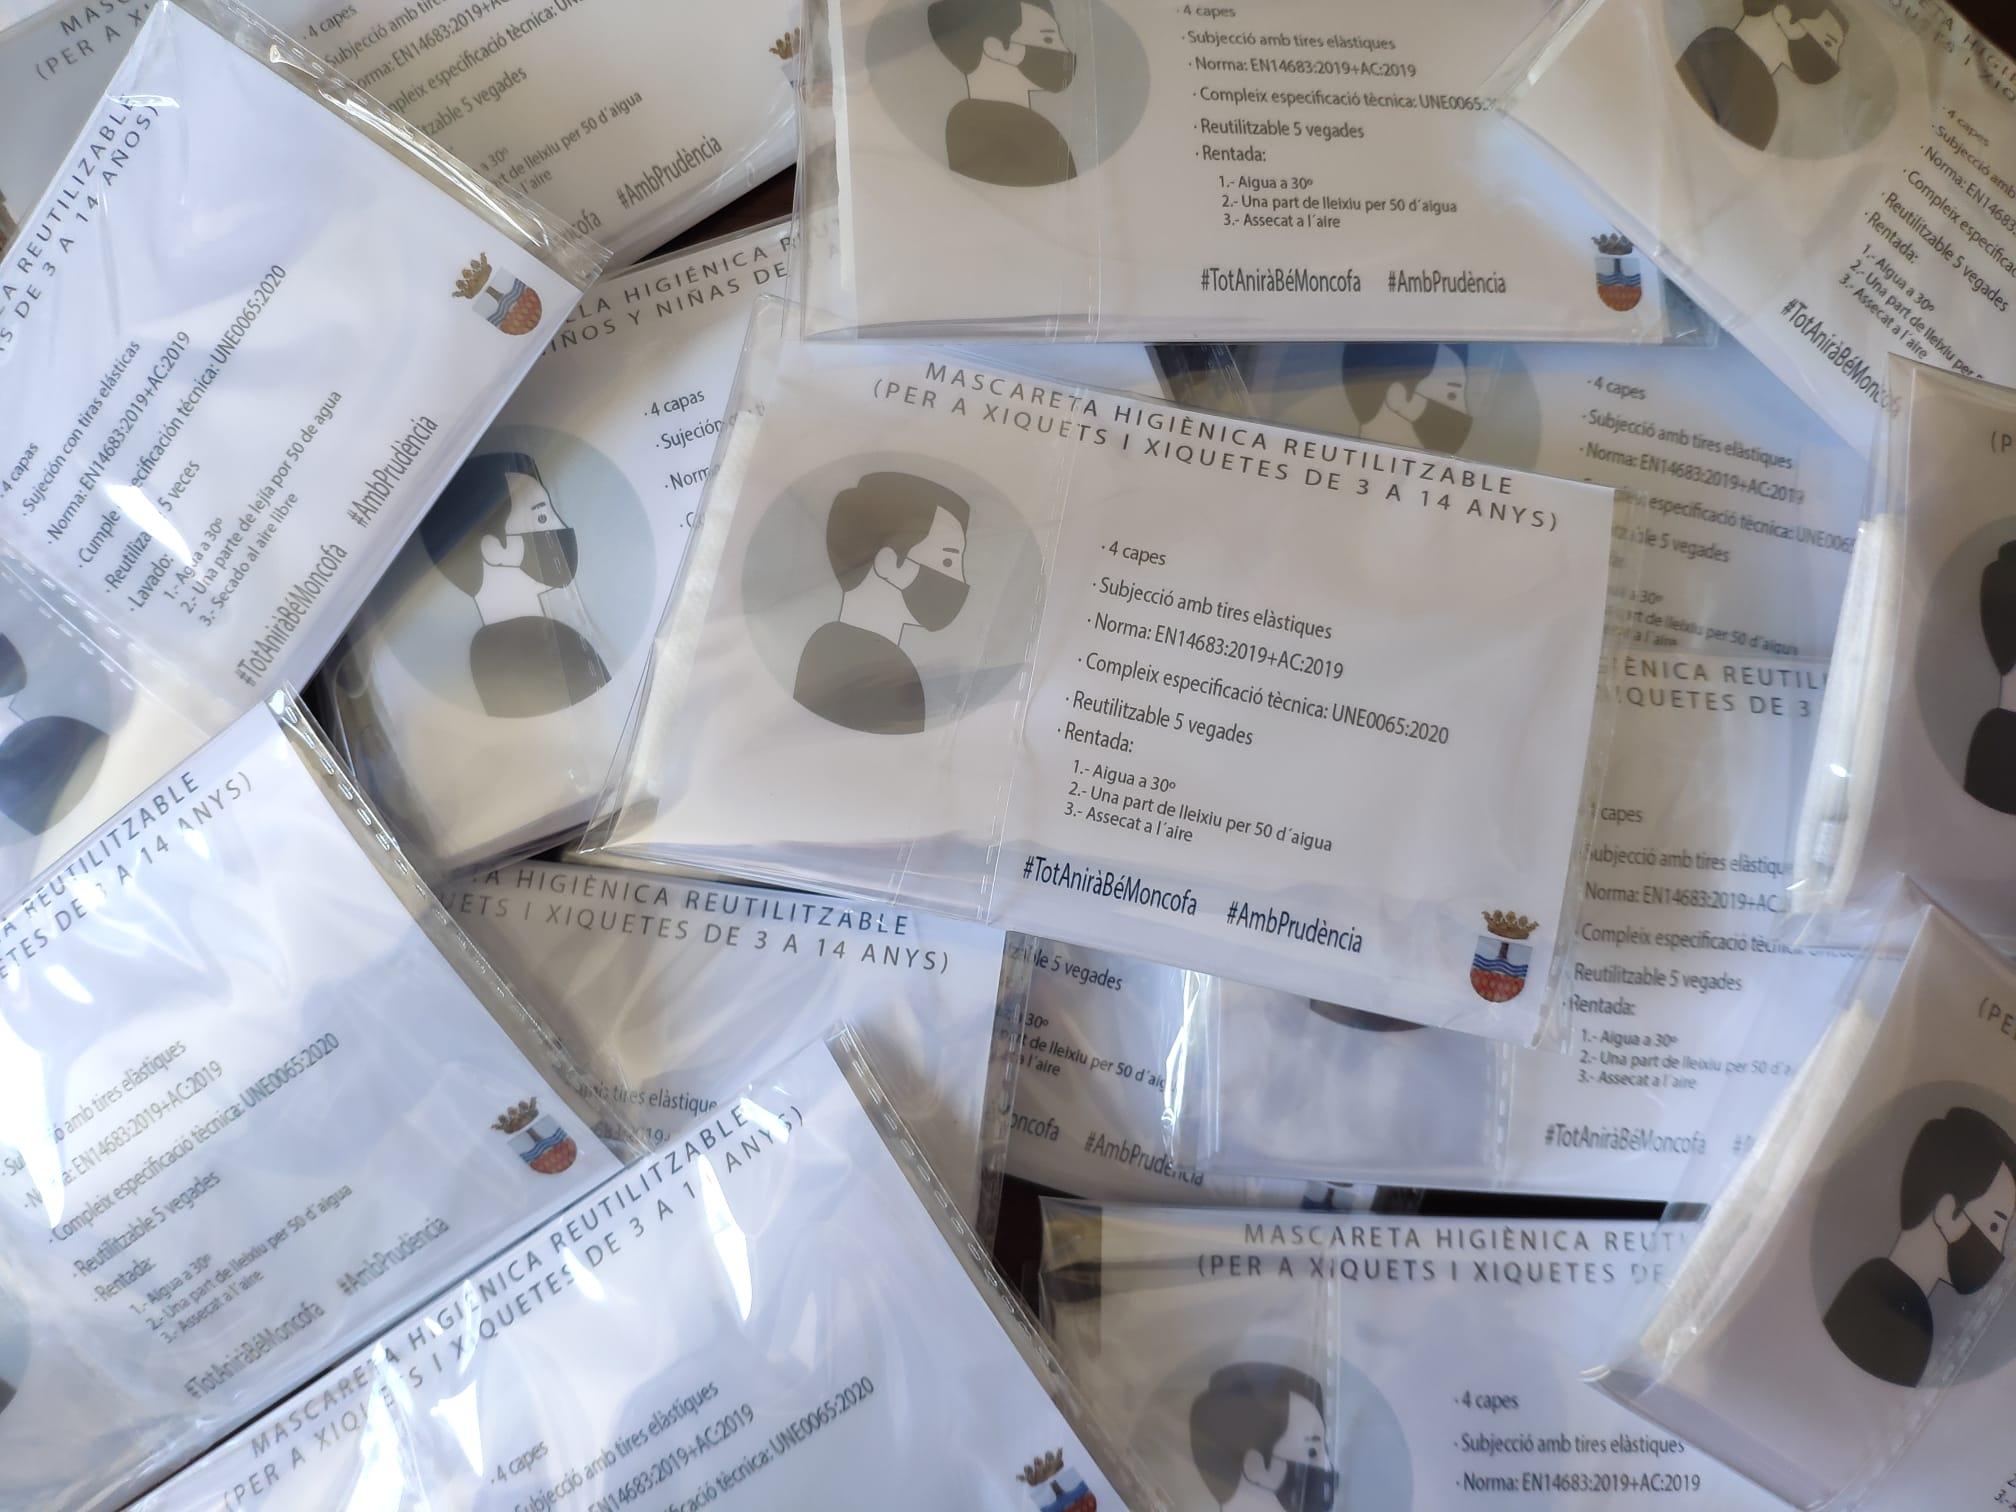 Moncofa distribuirá 2 mascarillas reutilizables a los niños de 3 a 14 años empadronados